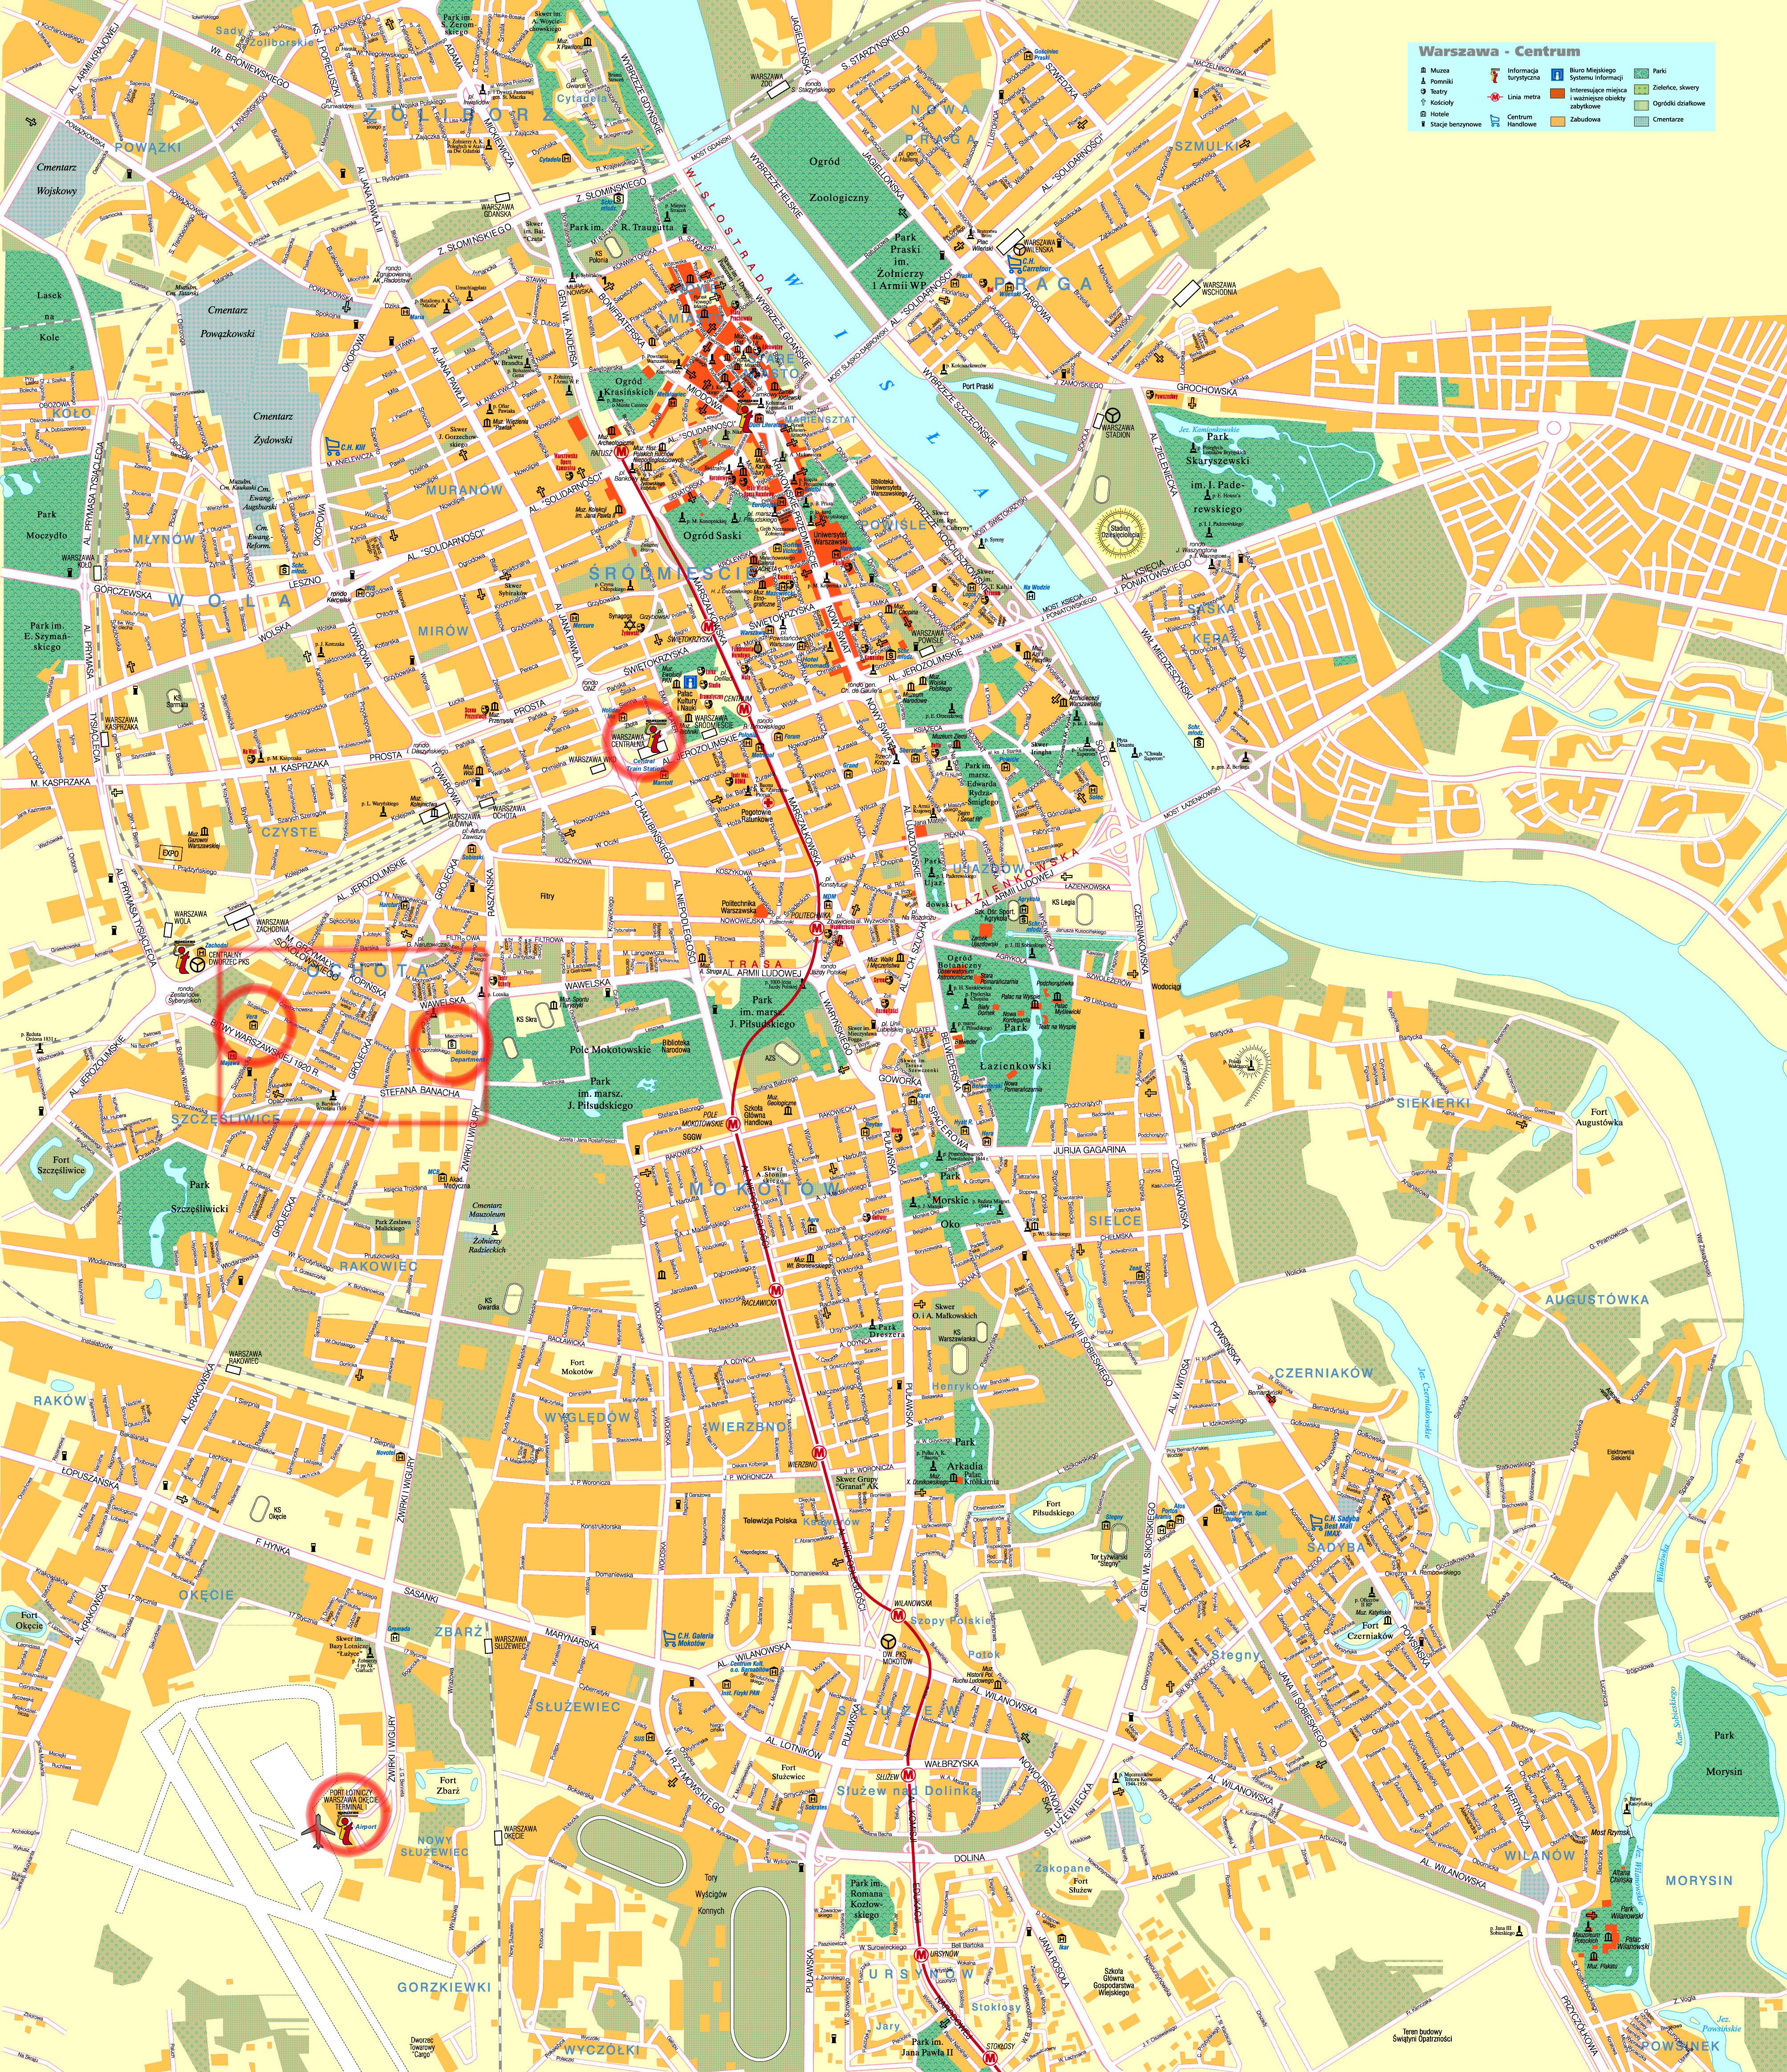 Mapy Warszawy Szczegolowa Mapa Warszawy W Jezyku Angielskim